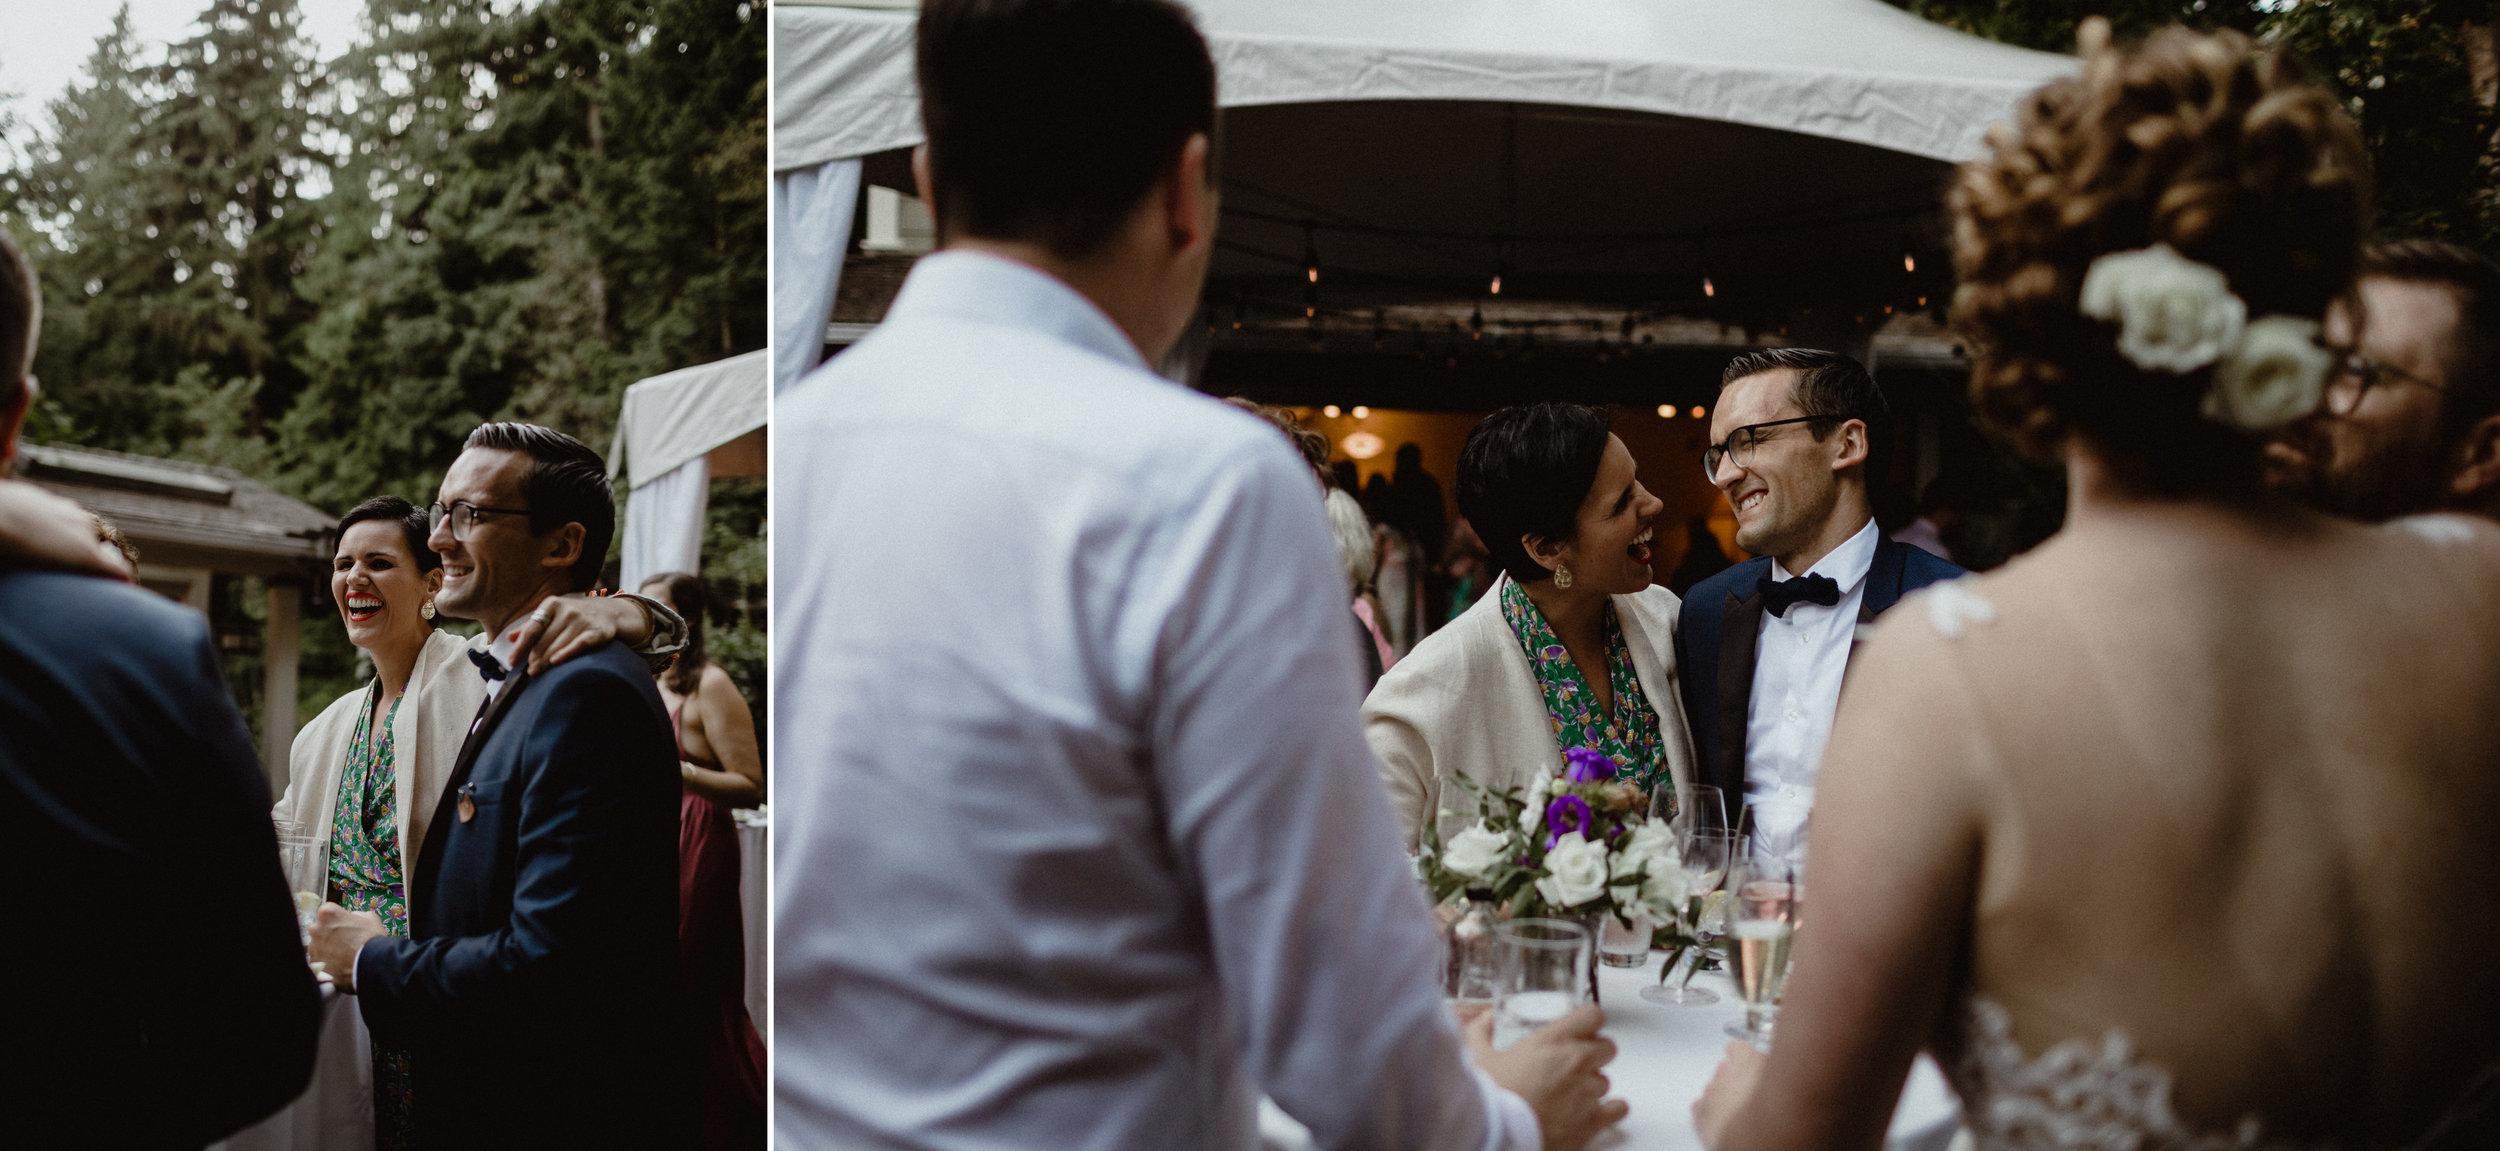 west-vancouver-backyard-wedding-238.jpg